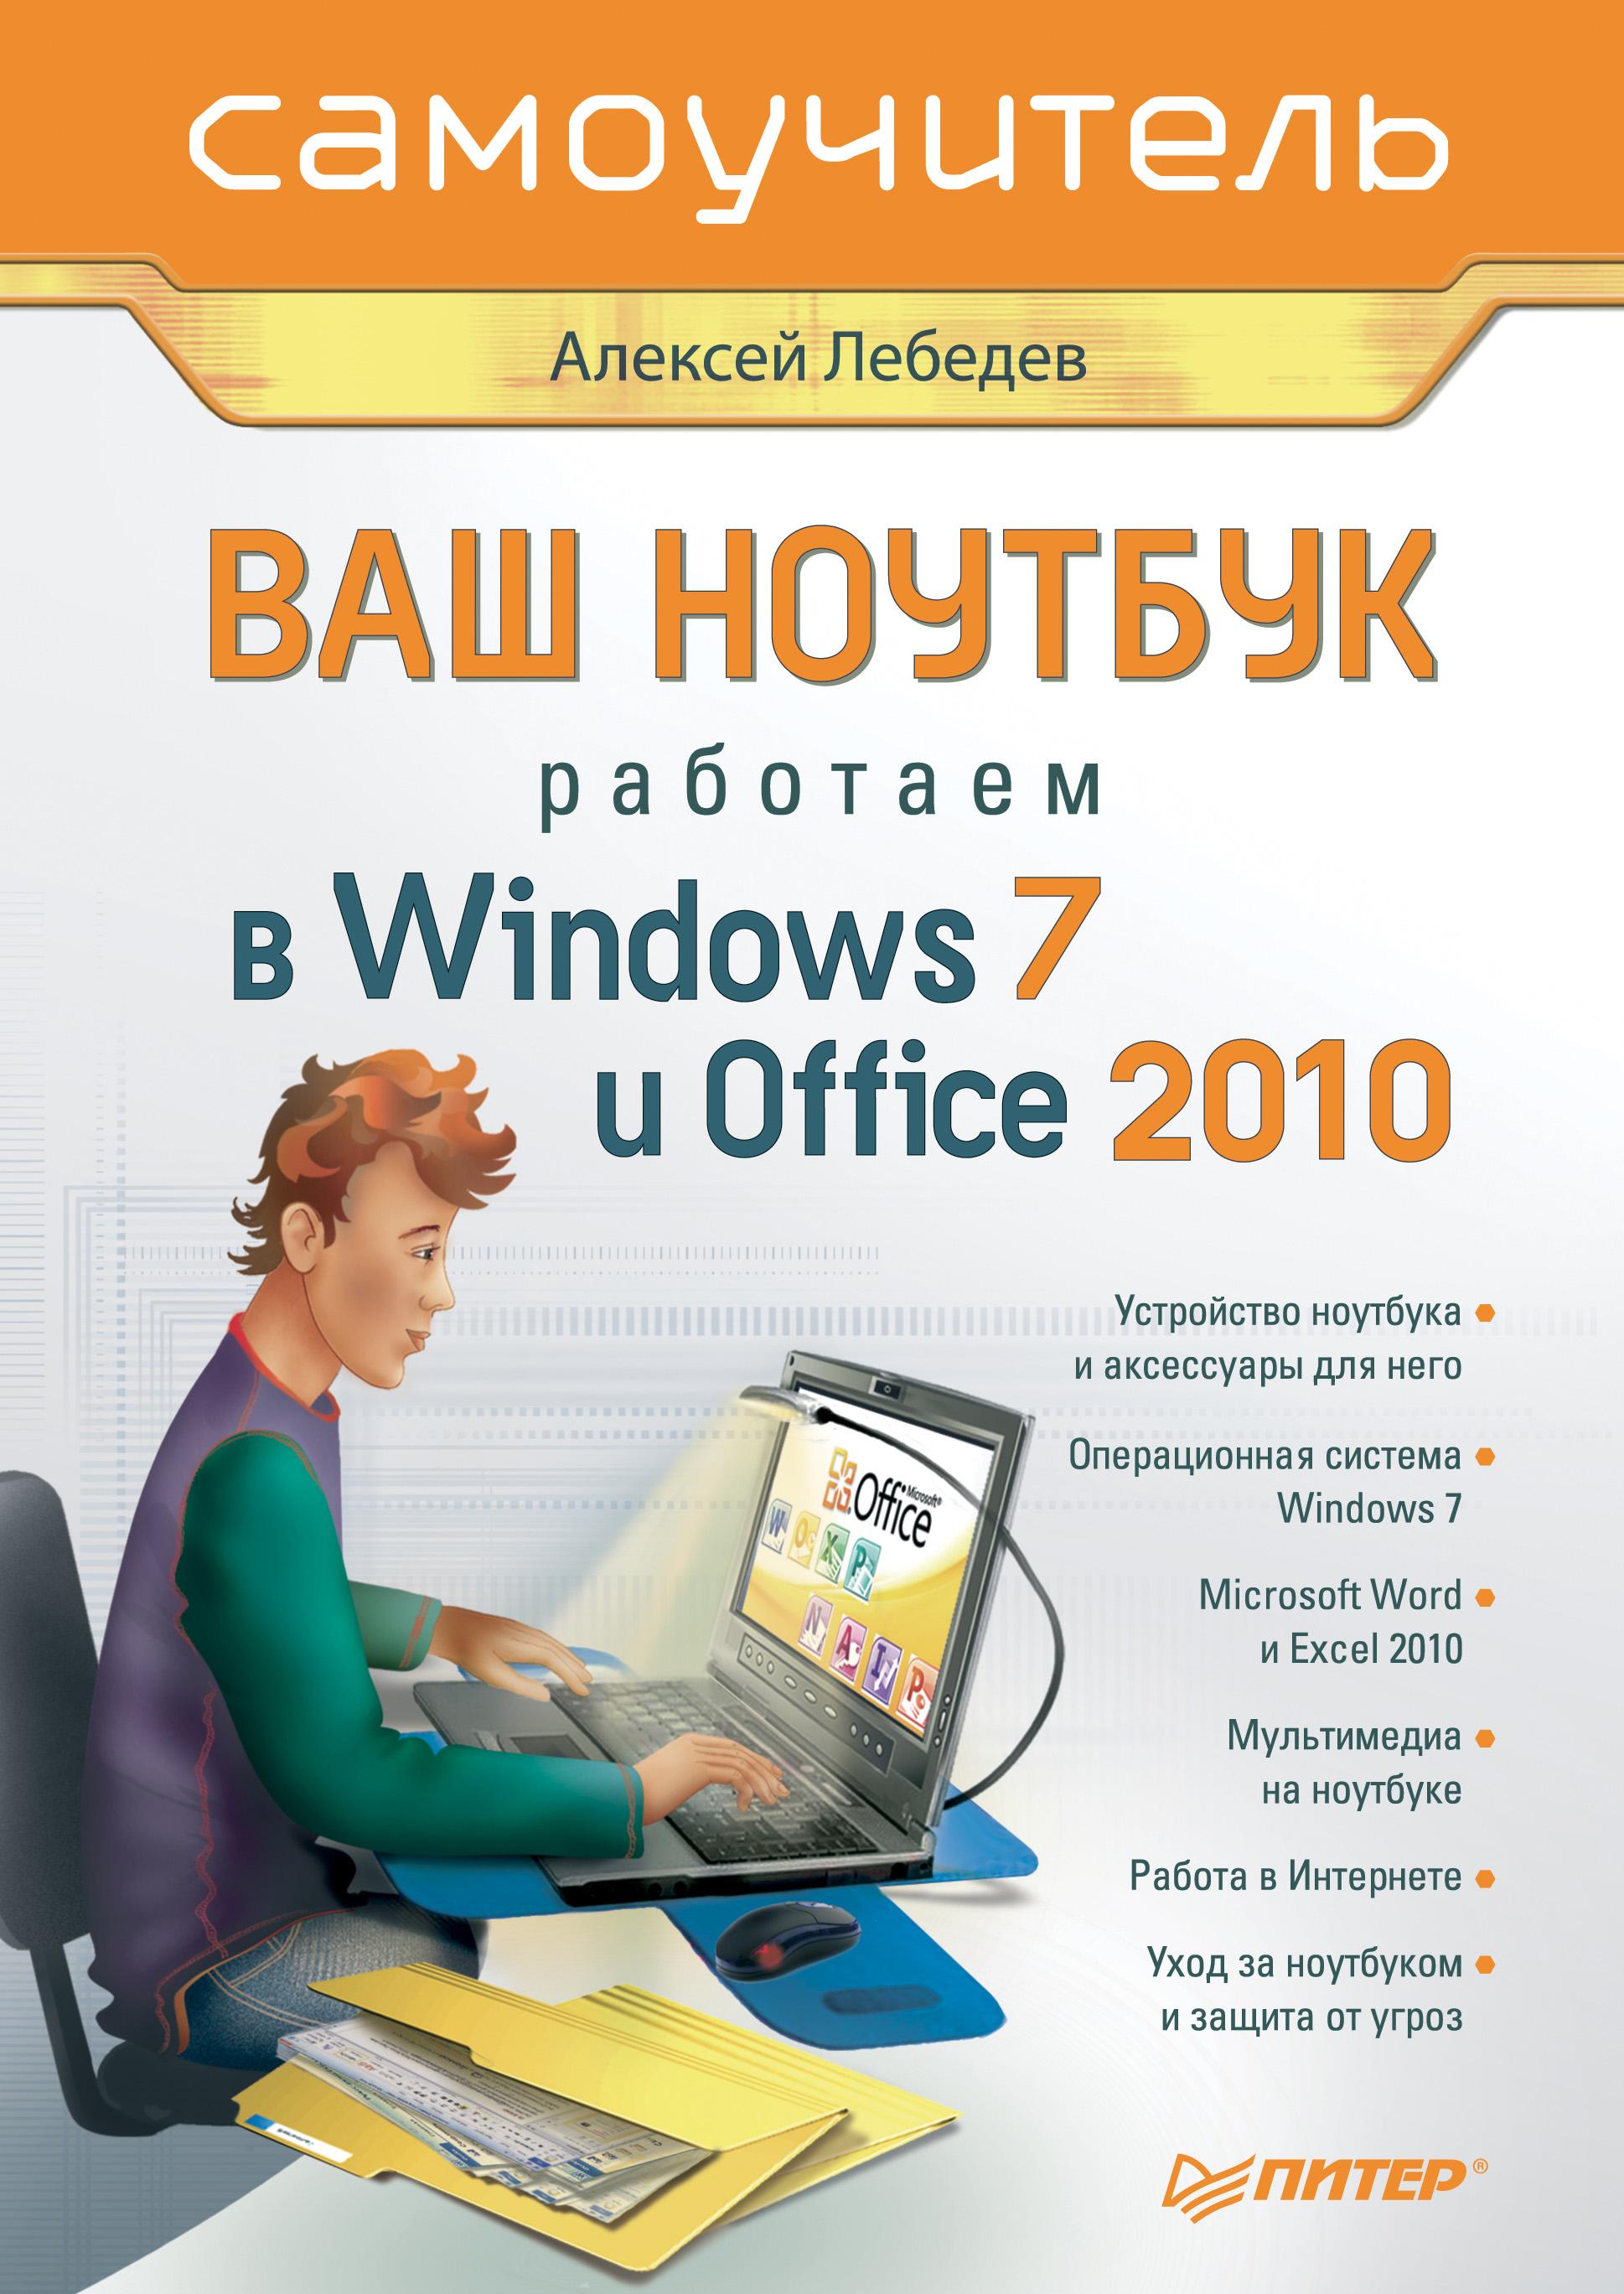 Алексей Лебедев Ваш ноутбук. Работаем в Windows 7 и Office 2010. Самоучитель а артемьев работаем на ноутбуке в windows 7 самоучитель